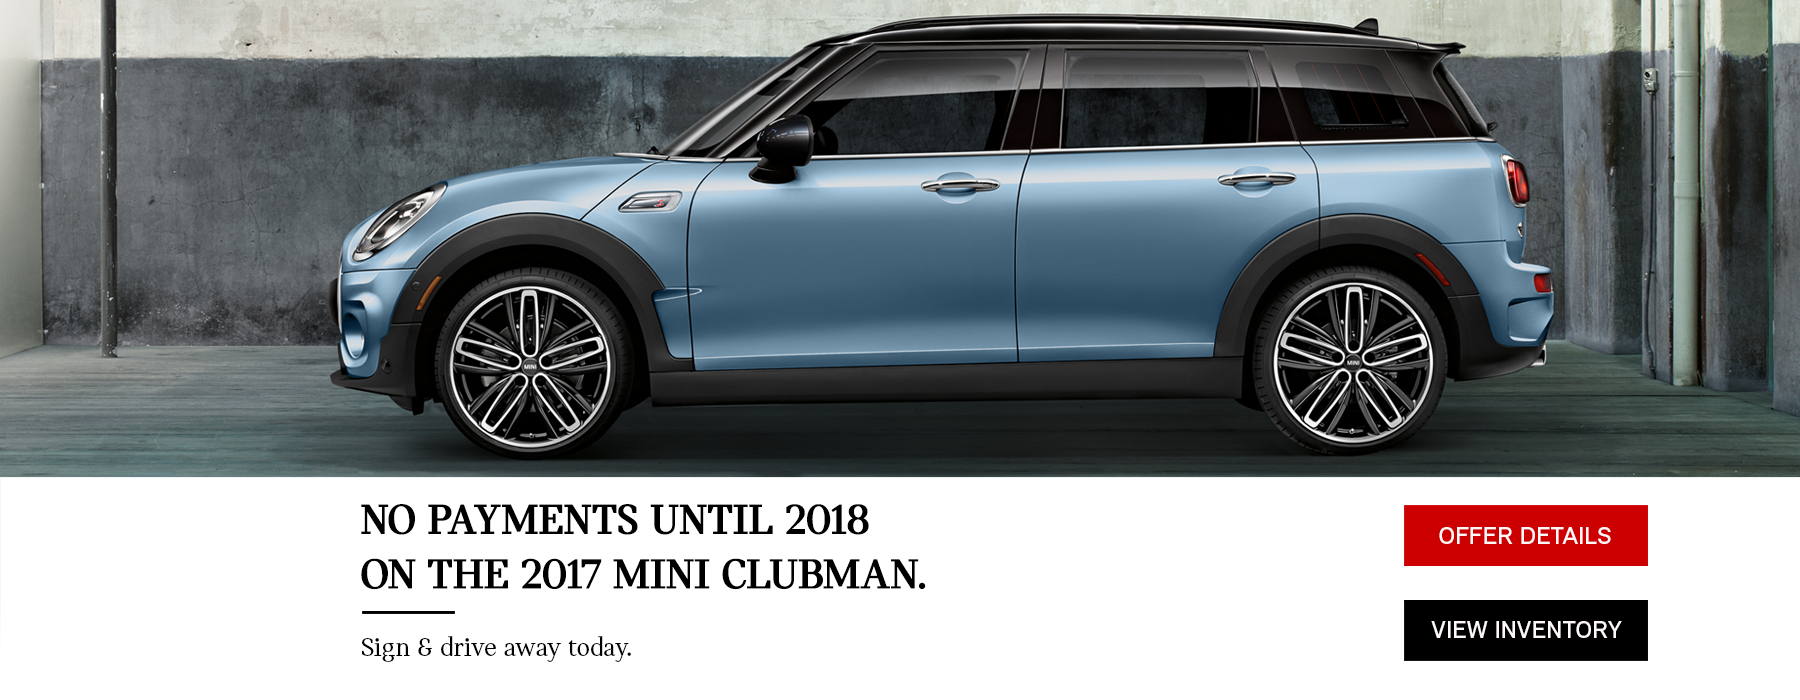 MINI-Clubman-Offer_1800x700